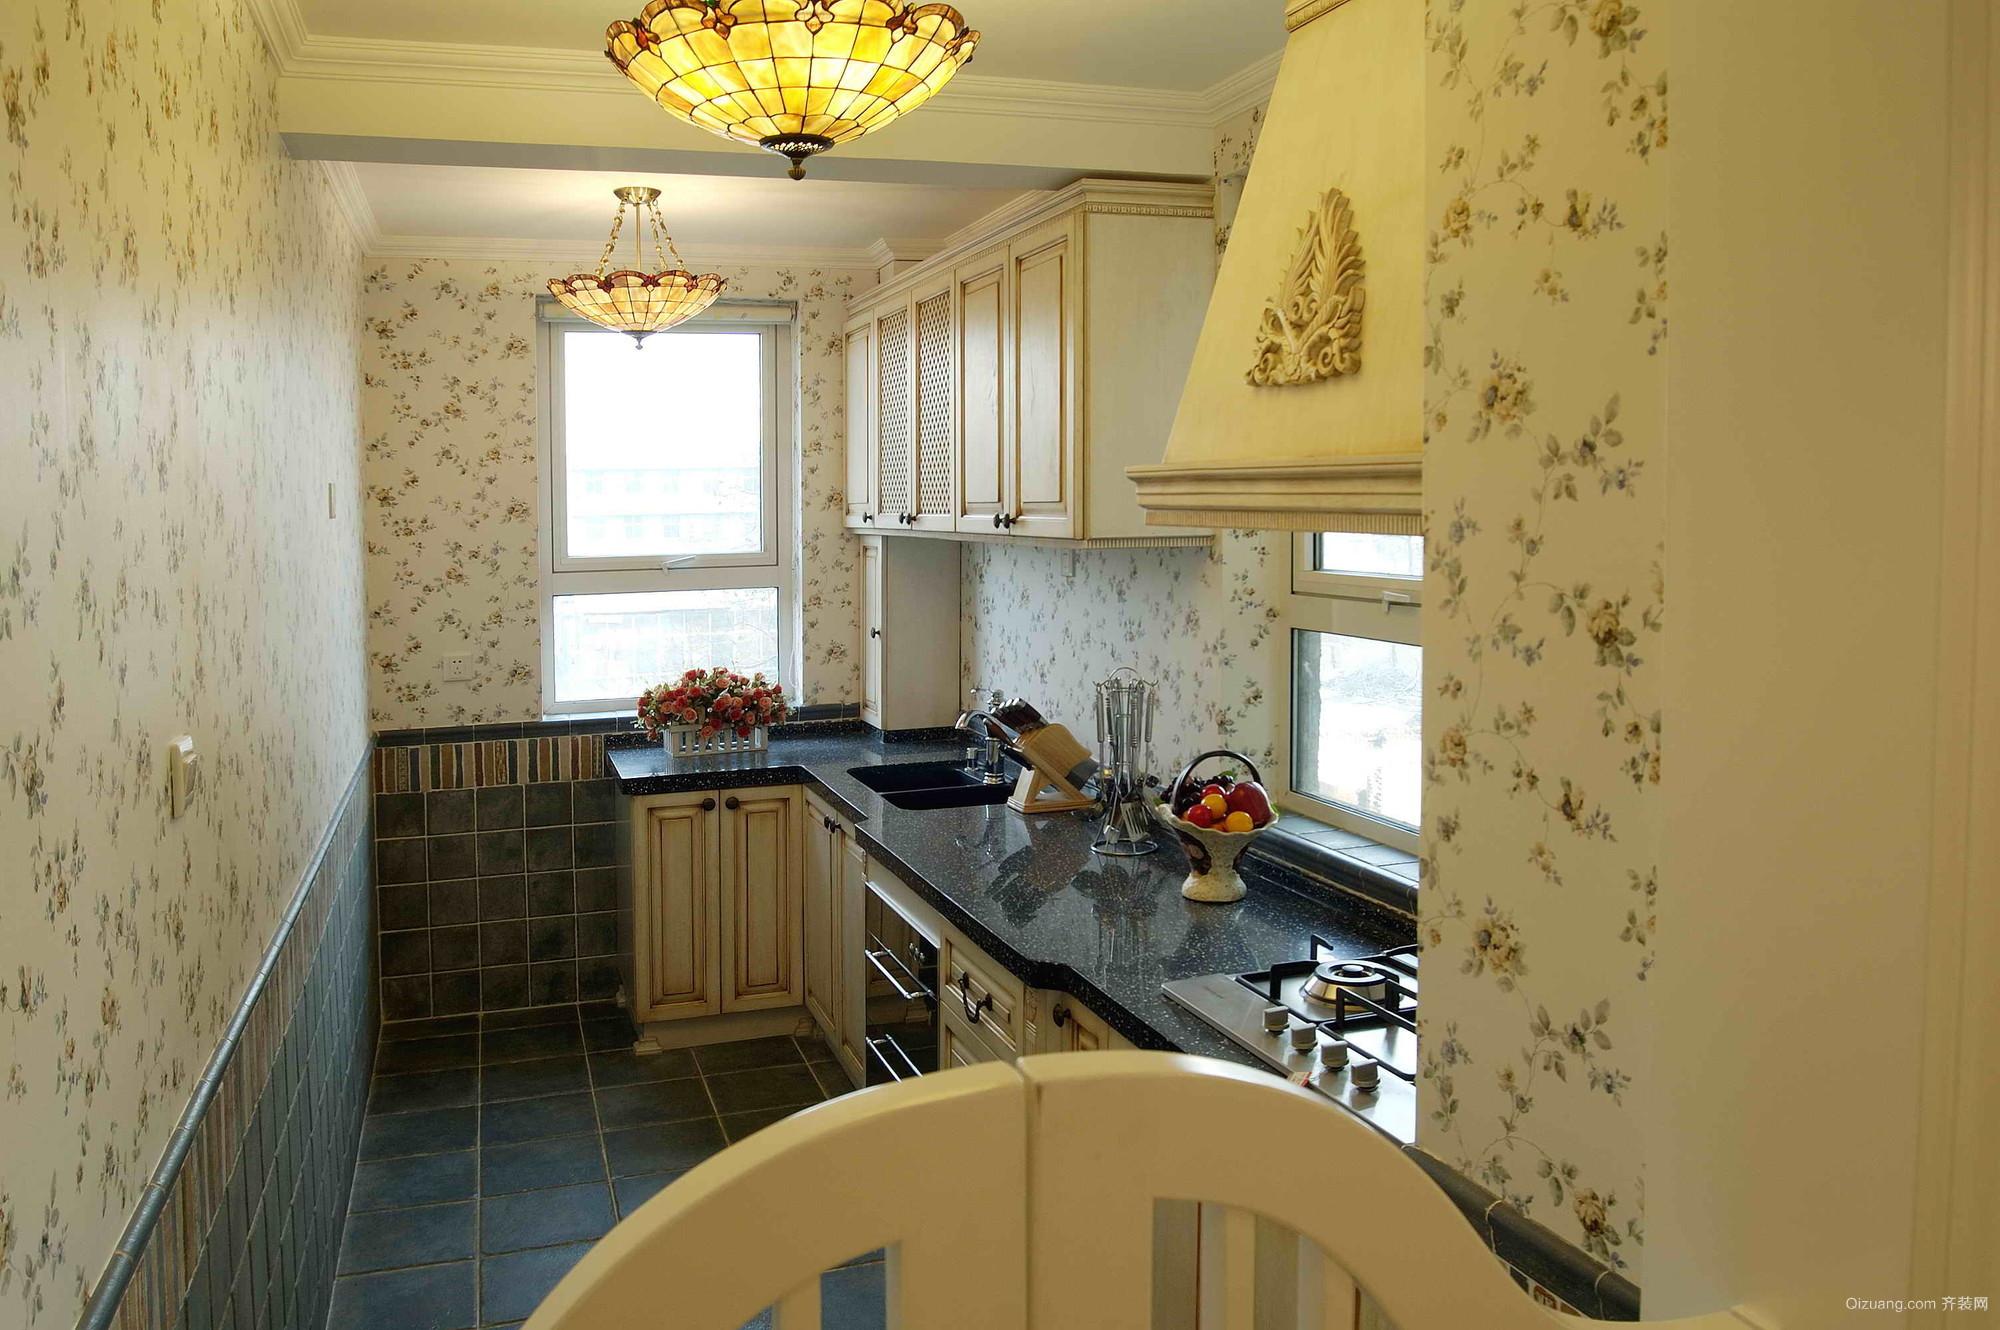 田园风格家居小厨房装修设计效果图